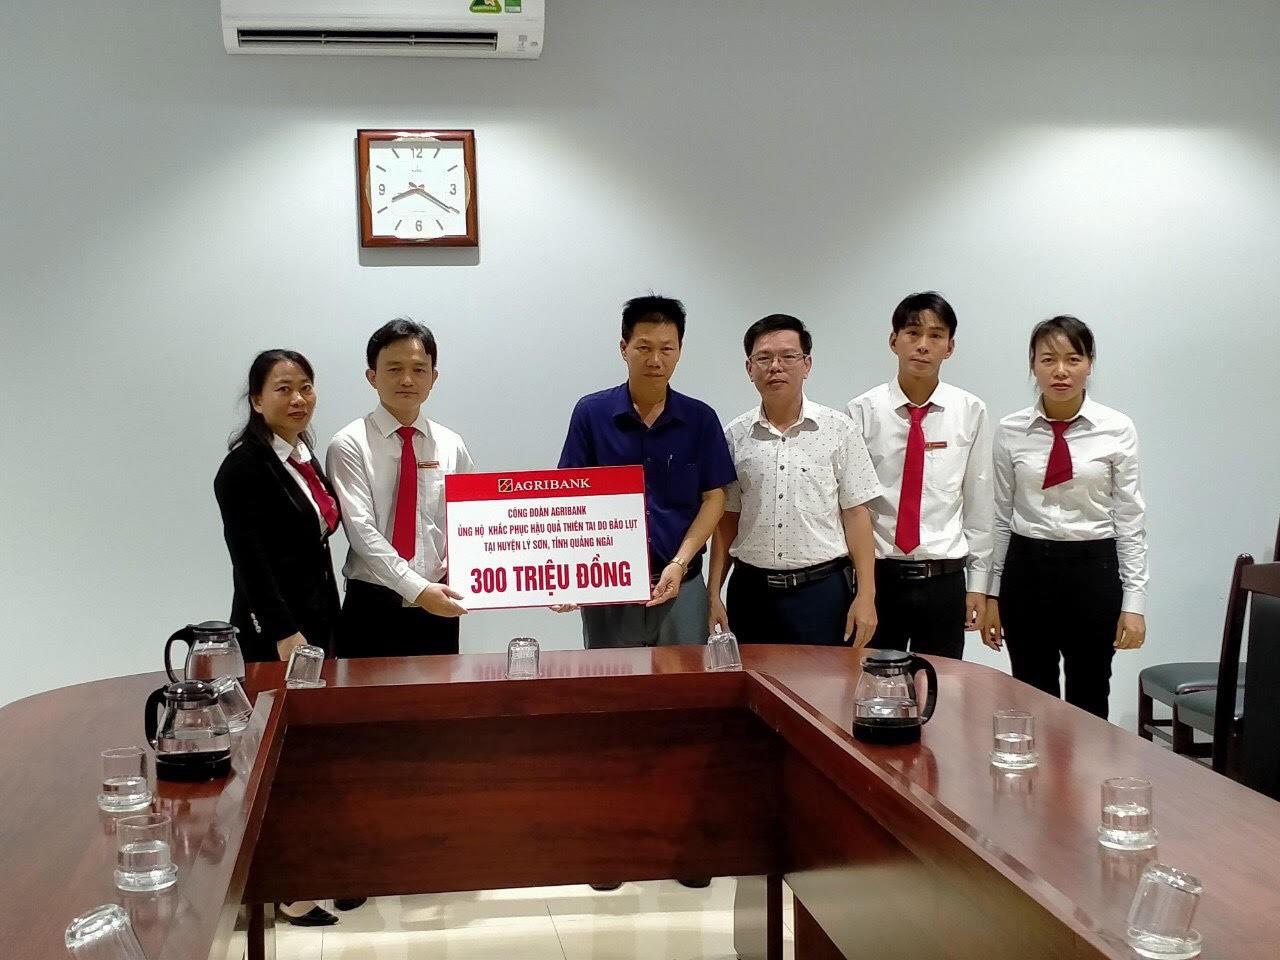 Agribank cũng đã ủng hộ người dân huyện Lý Sơn bị ảnh hưởng do bão số 9, với số tiền 300 triệu đồng.